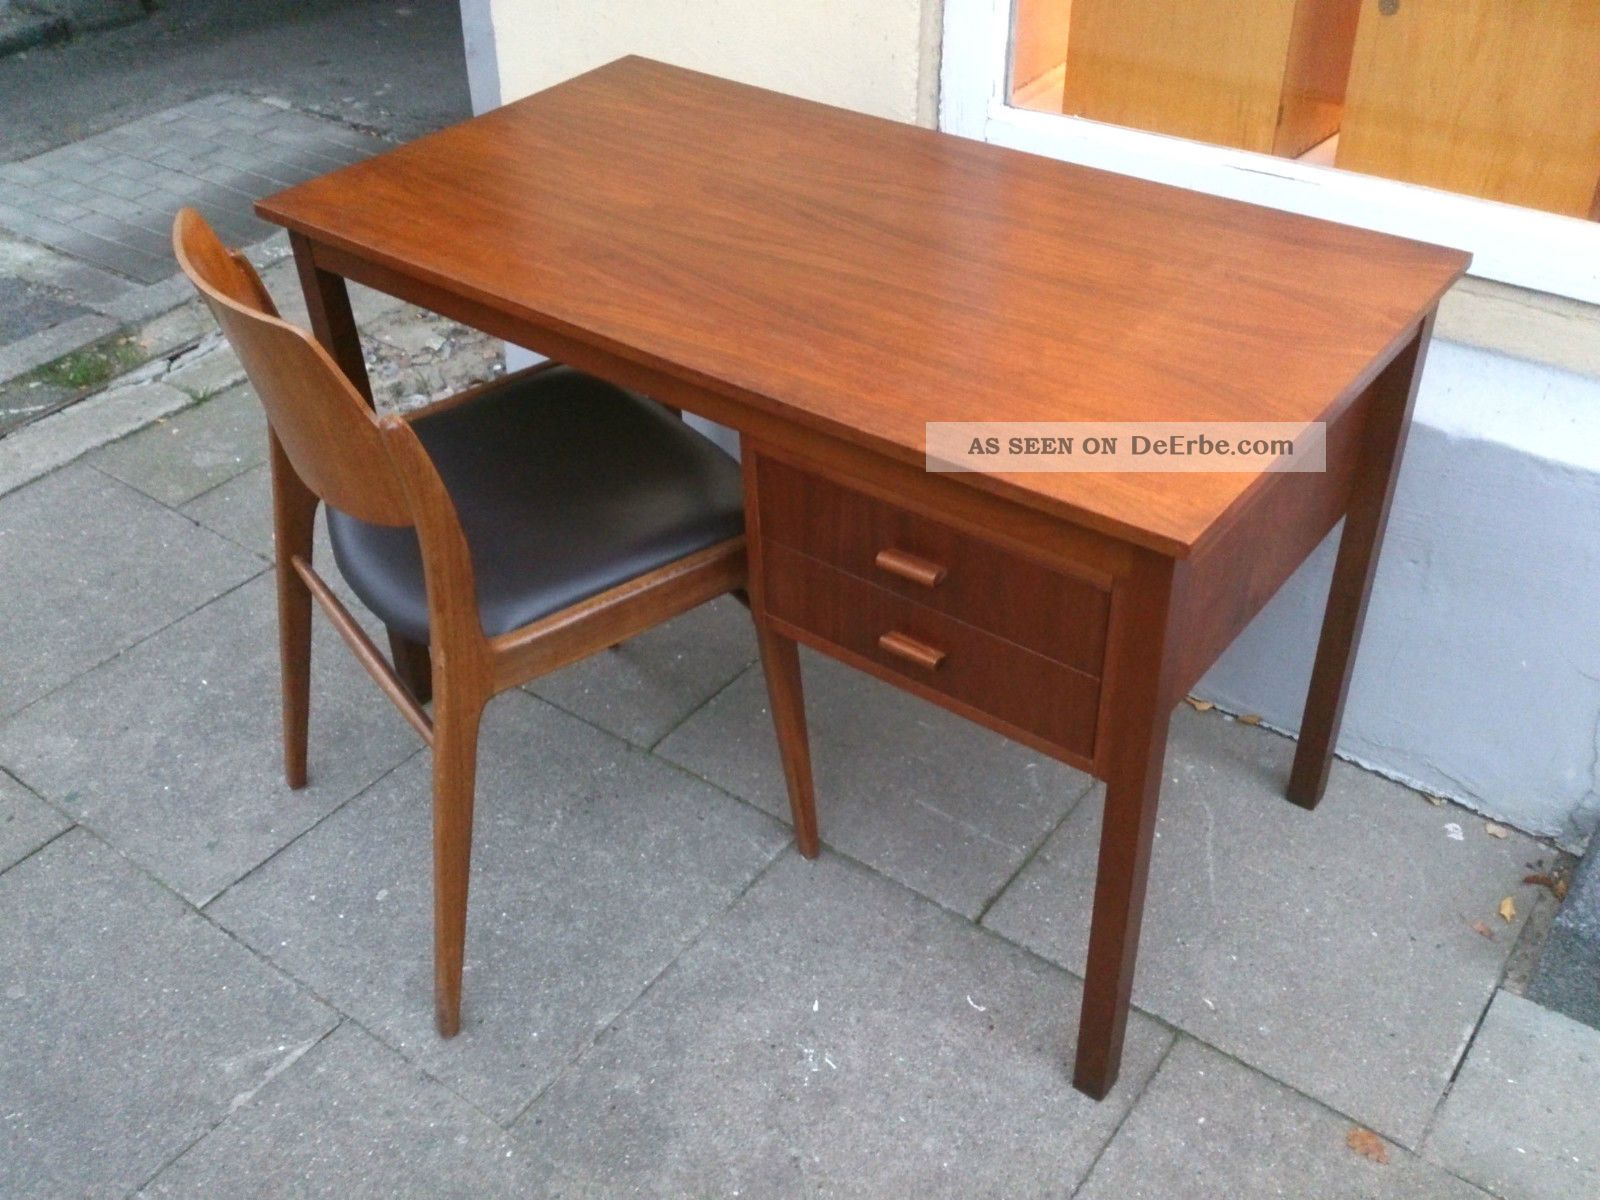 teak holz schreibtisch tisch dk retro 60er 70er style 60s. Black Bedroom Furniture Sets. Home Design Ideas